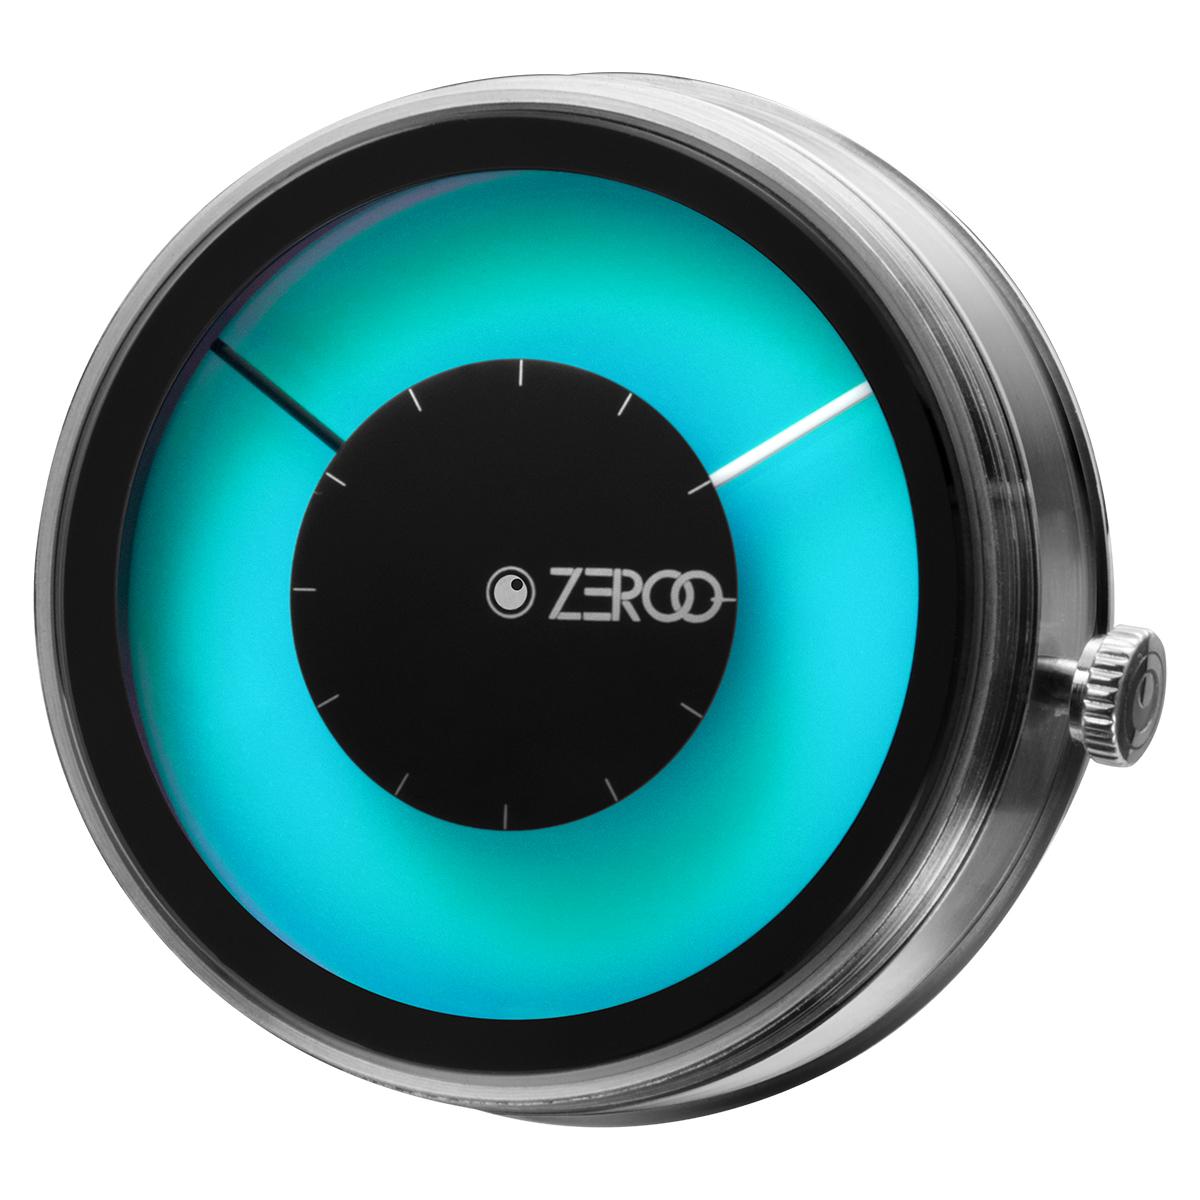 ZEROO 交換用クロックボディ  ZEROO MAGIA AURORA ゼロ 電池式クォーツ 腕時計 [M11026]